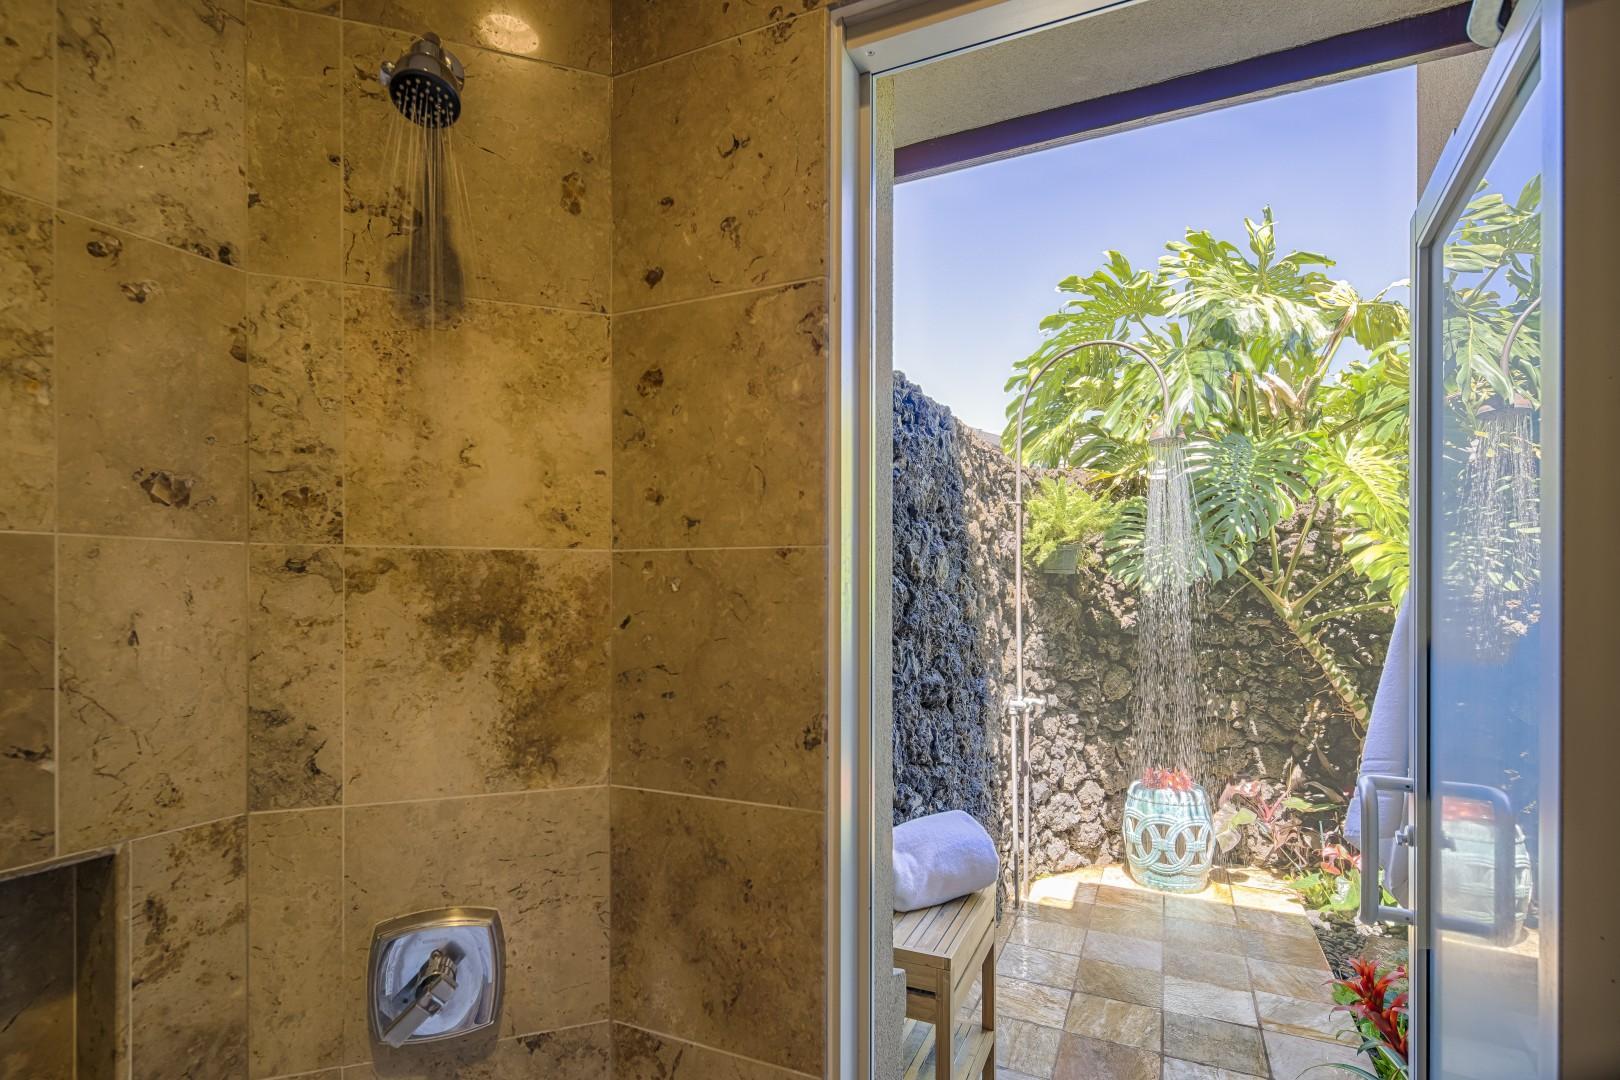 Indoor shower or the outdoor shower?